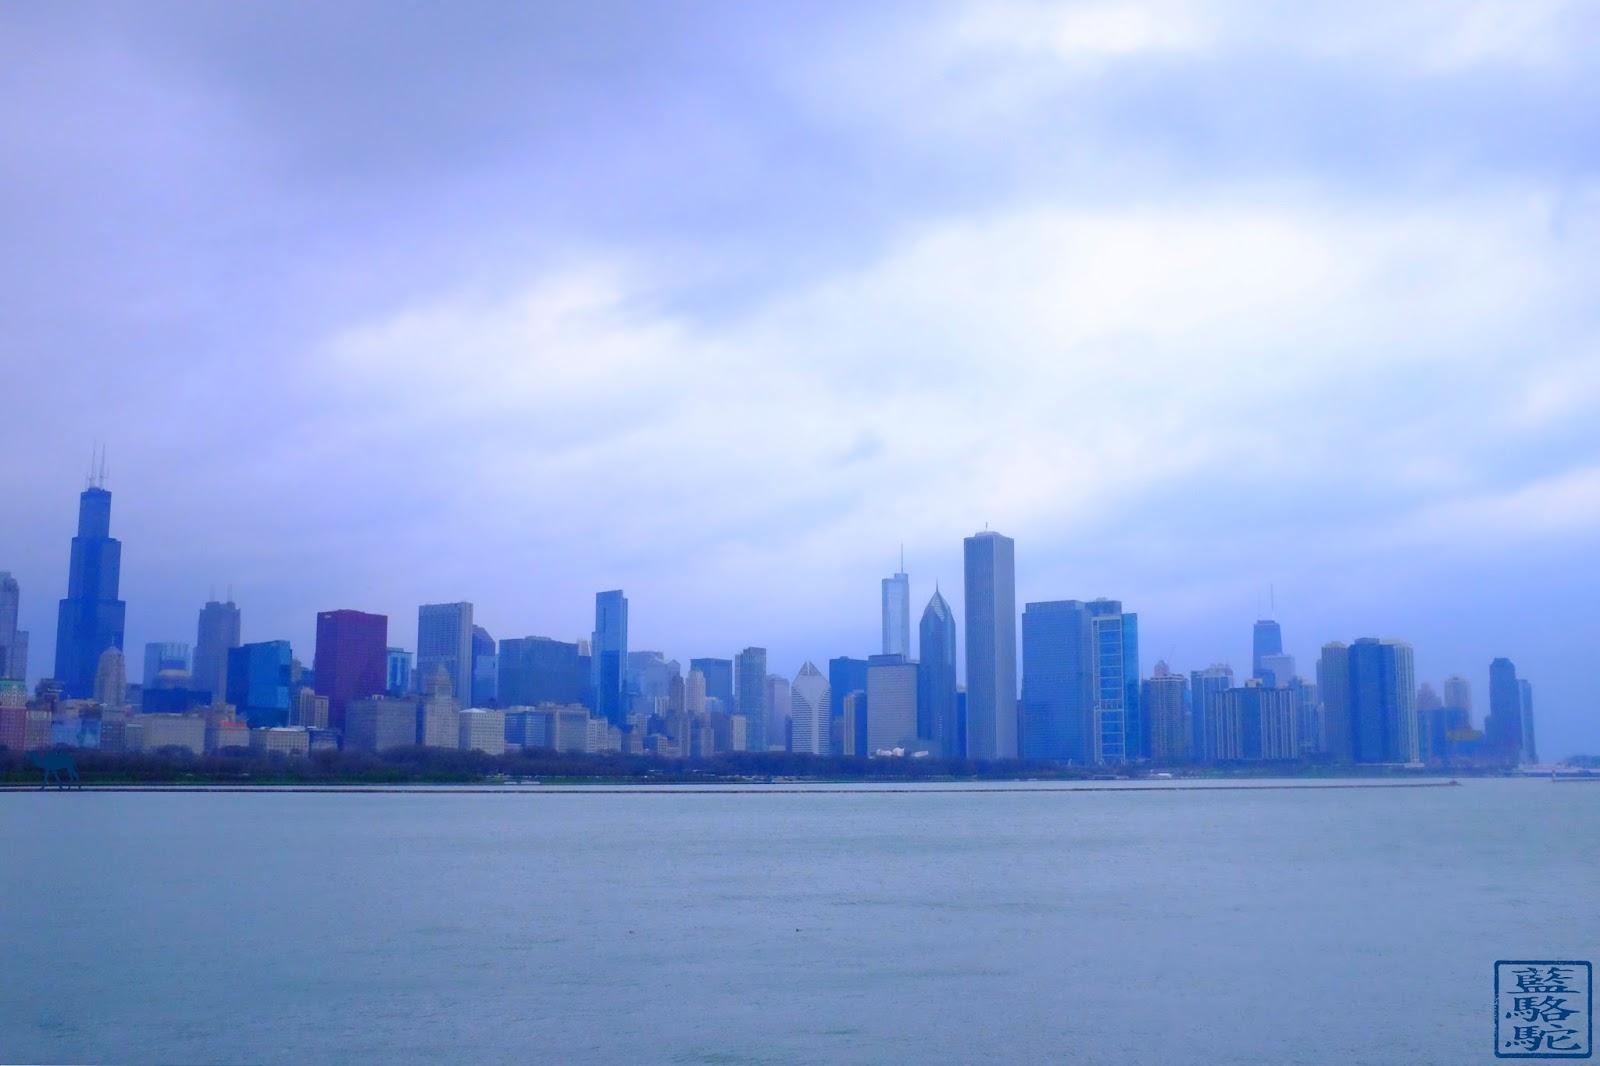 Le Chameau Bleu - Blog Voyage Chicago USA - Vacances à Chicago - Vue sur la ville